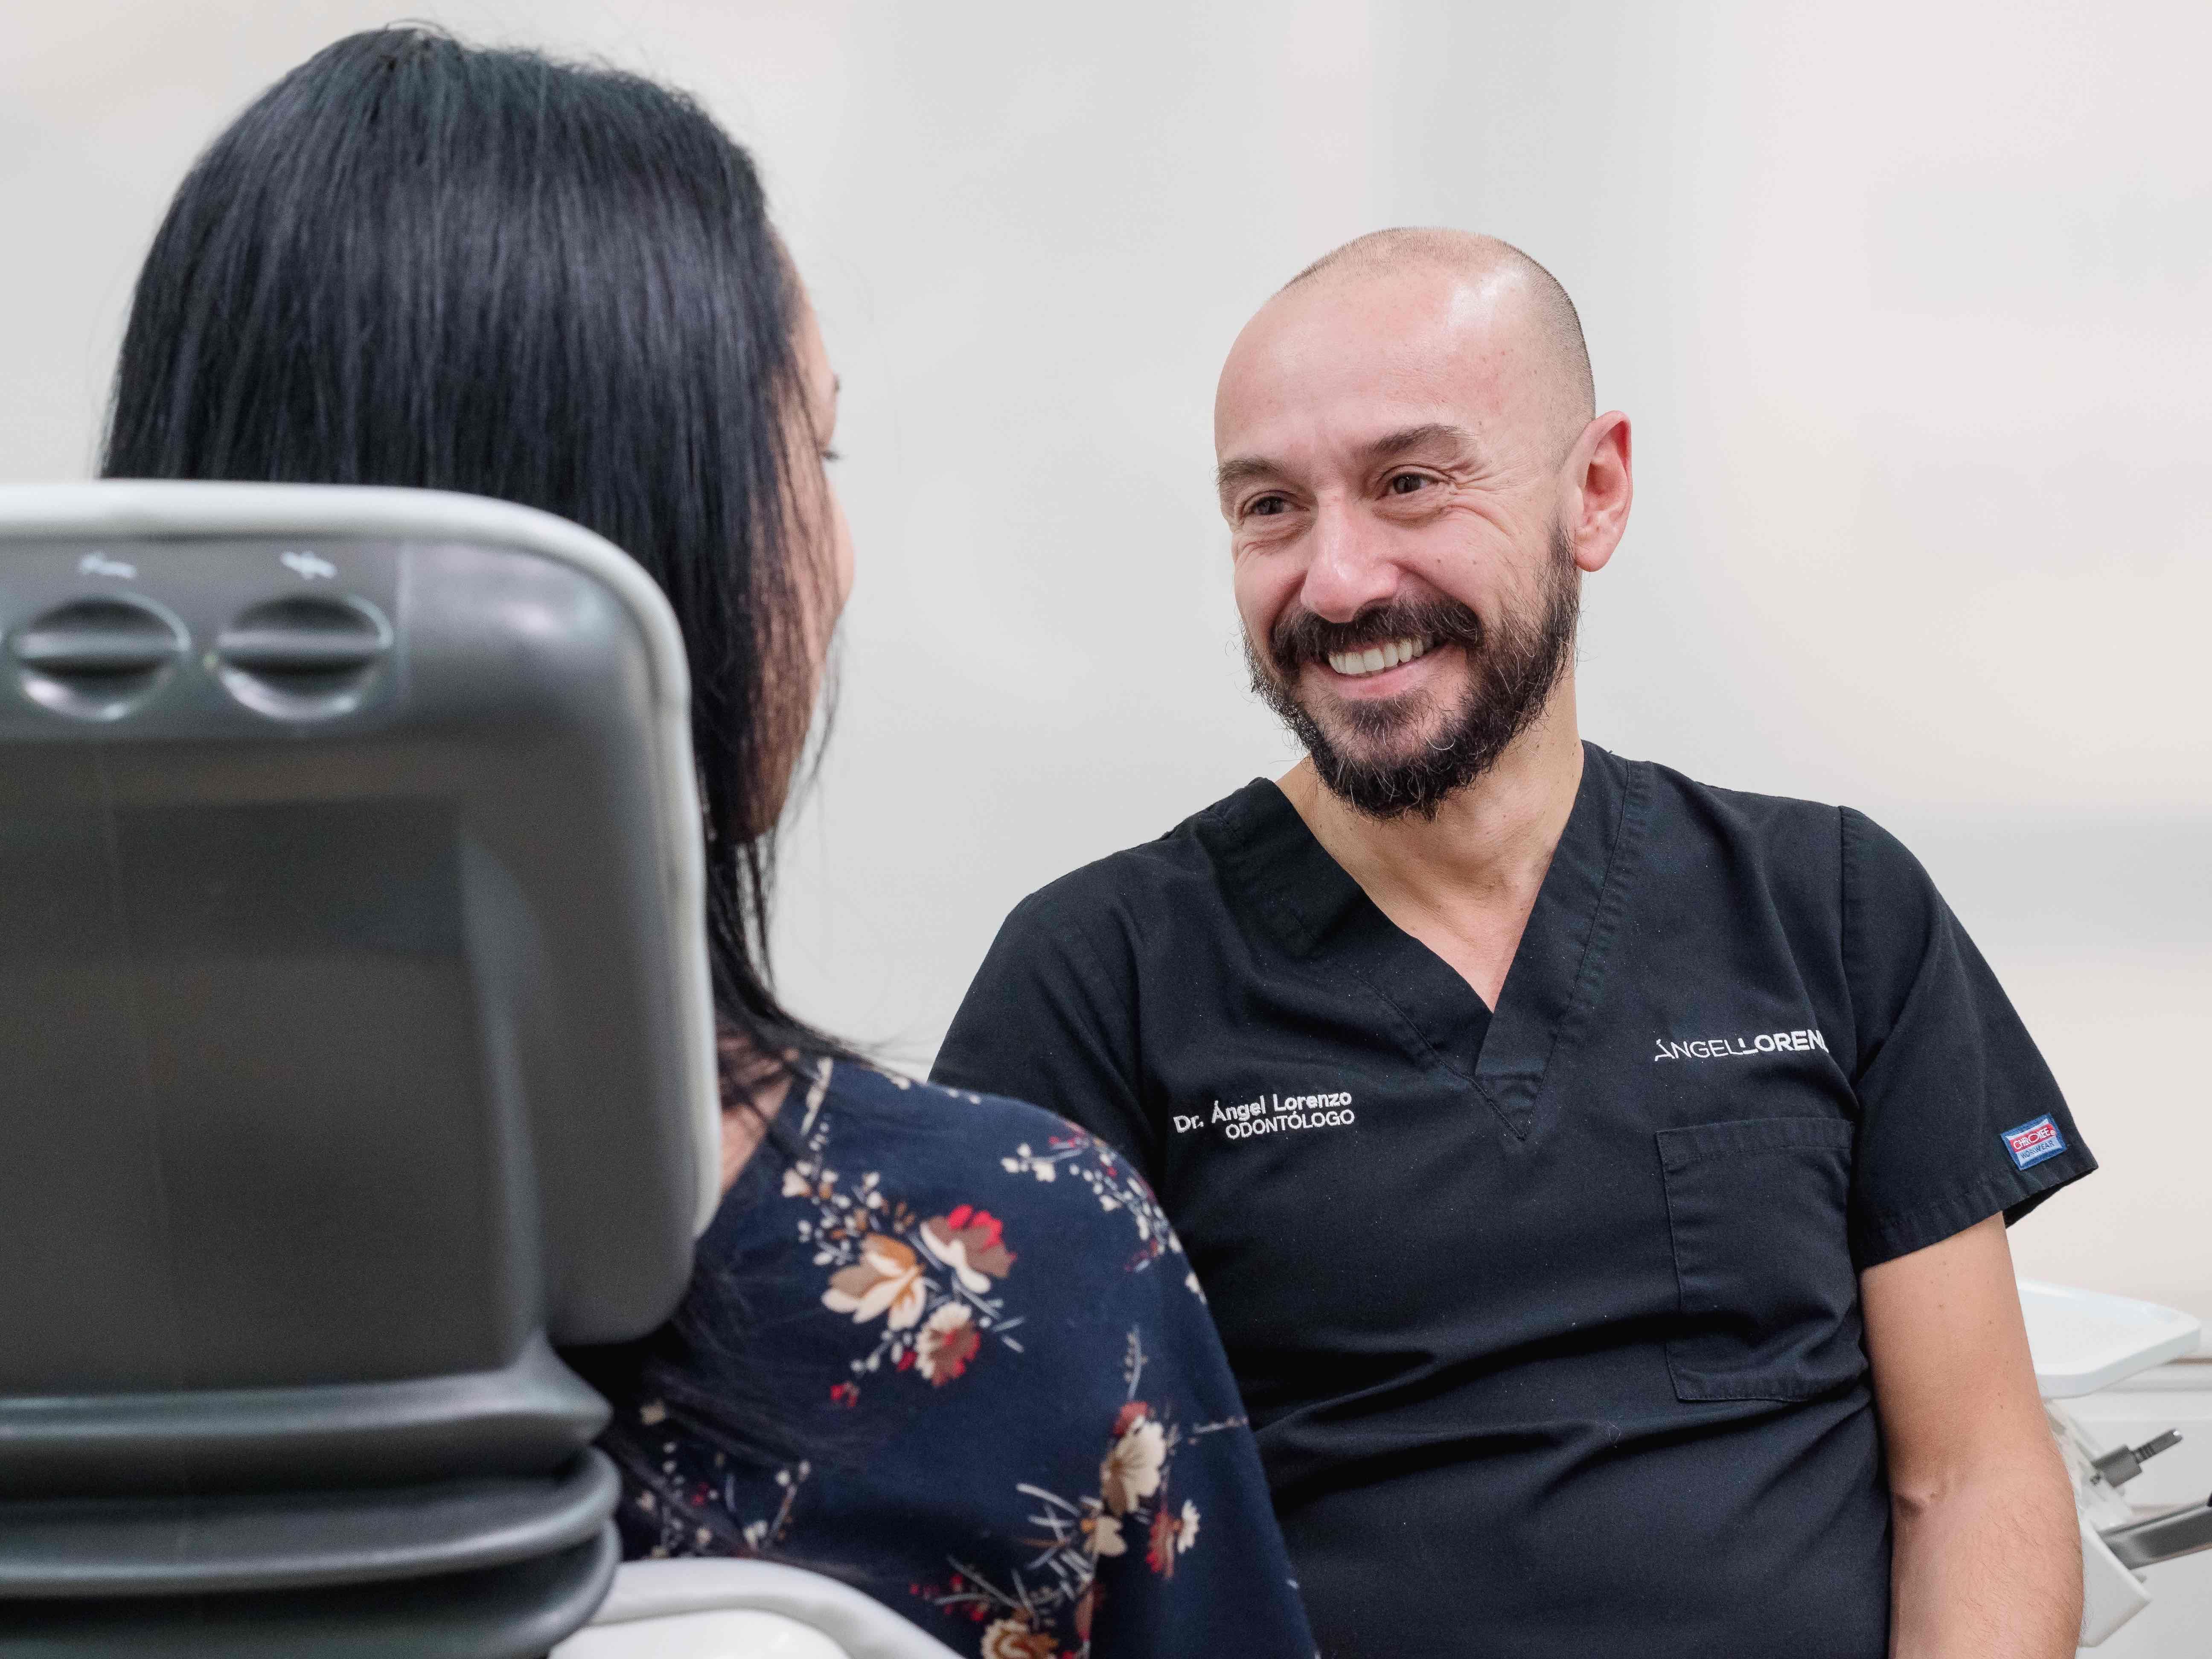 Fotografia Un dentista conversa con el paciente durante la cita.